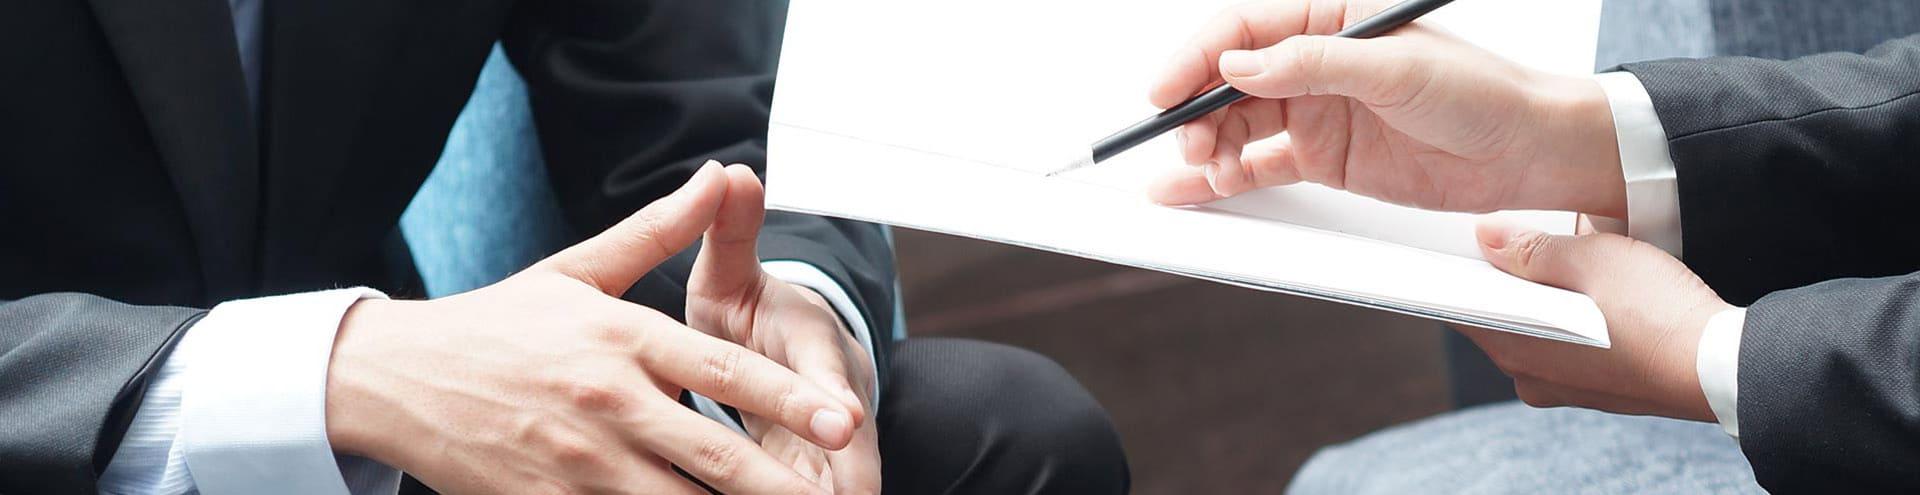 гарантии оказания юридических услуг в Ярославле